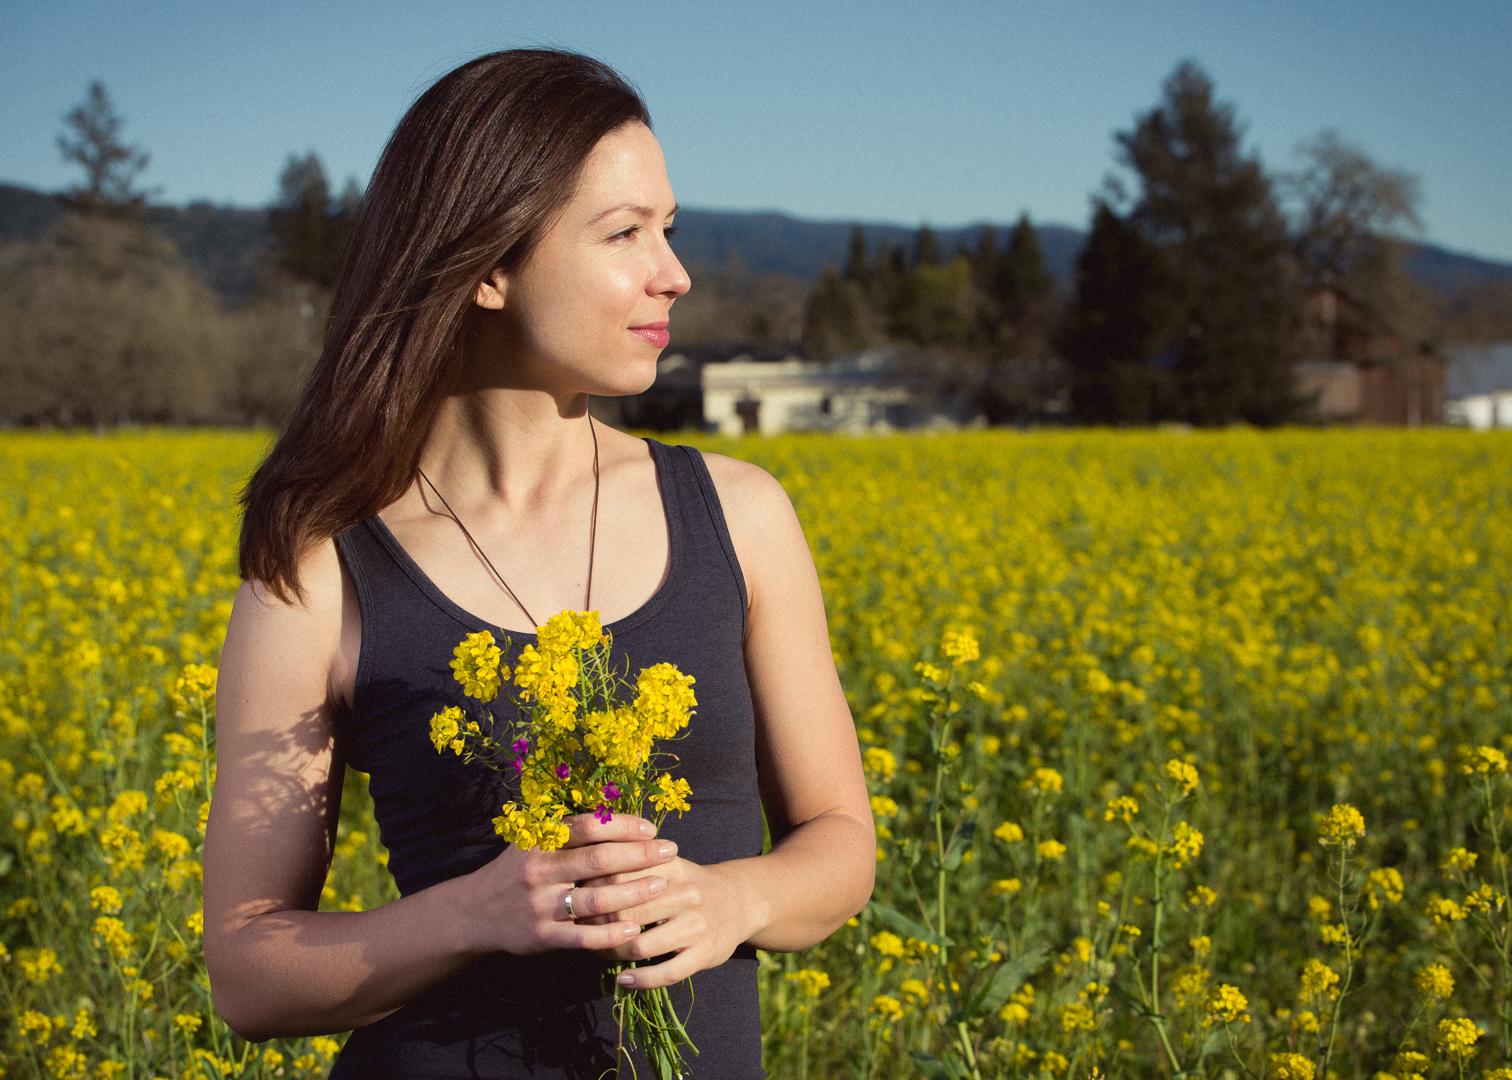 Anna_Mustard-35.jpg